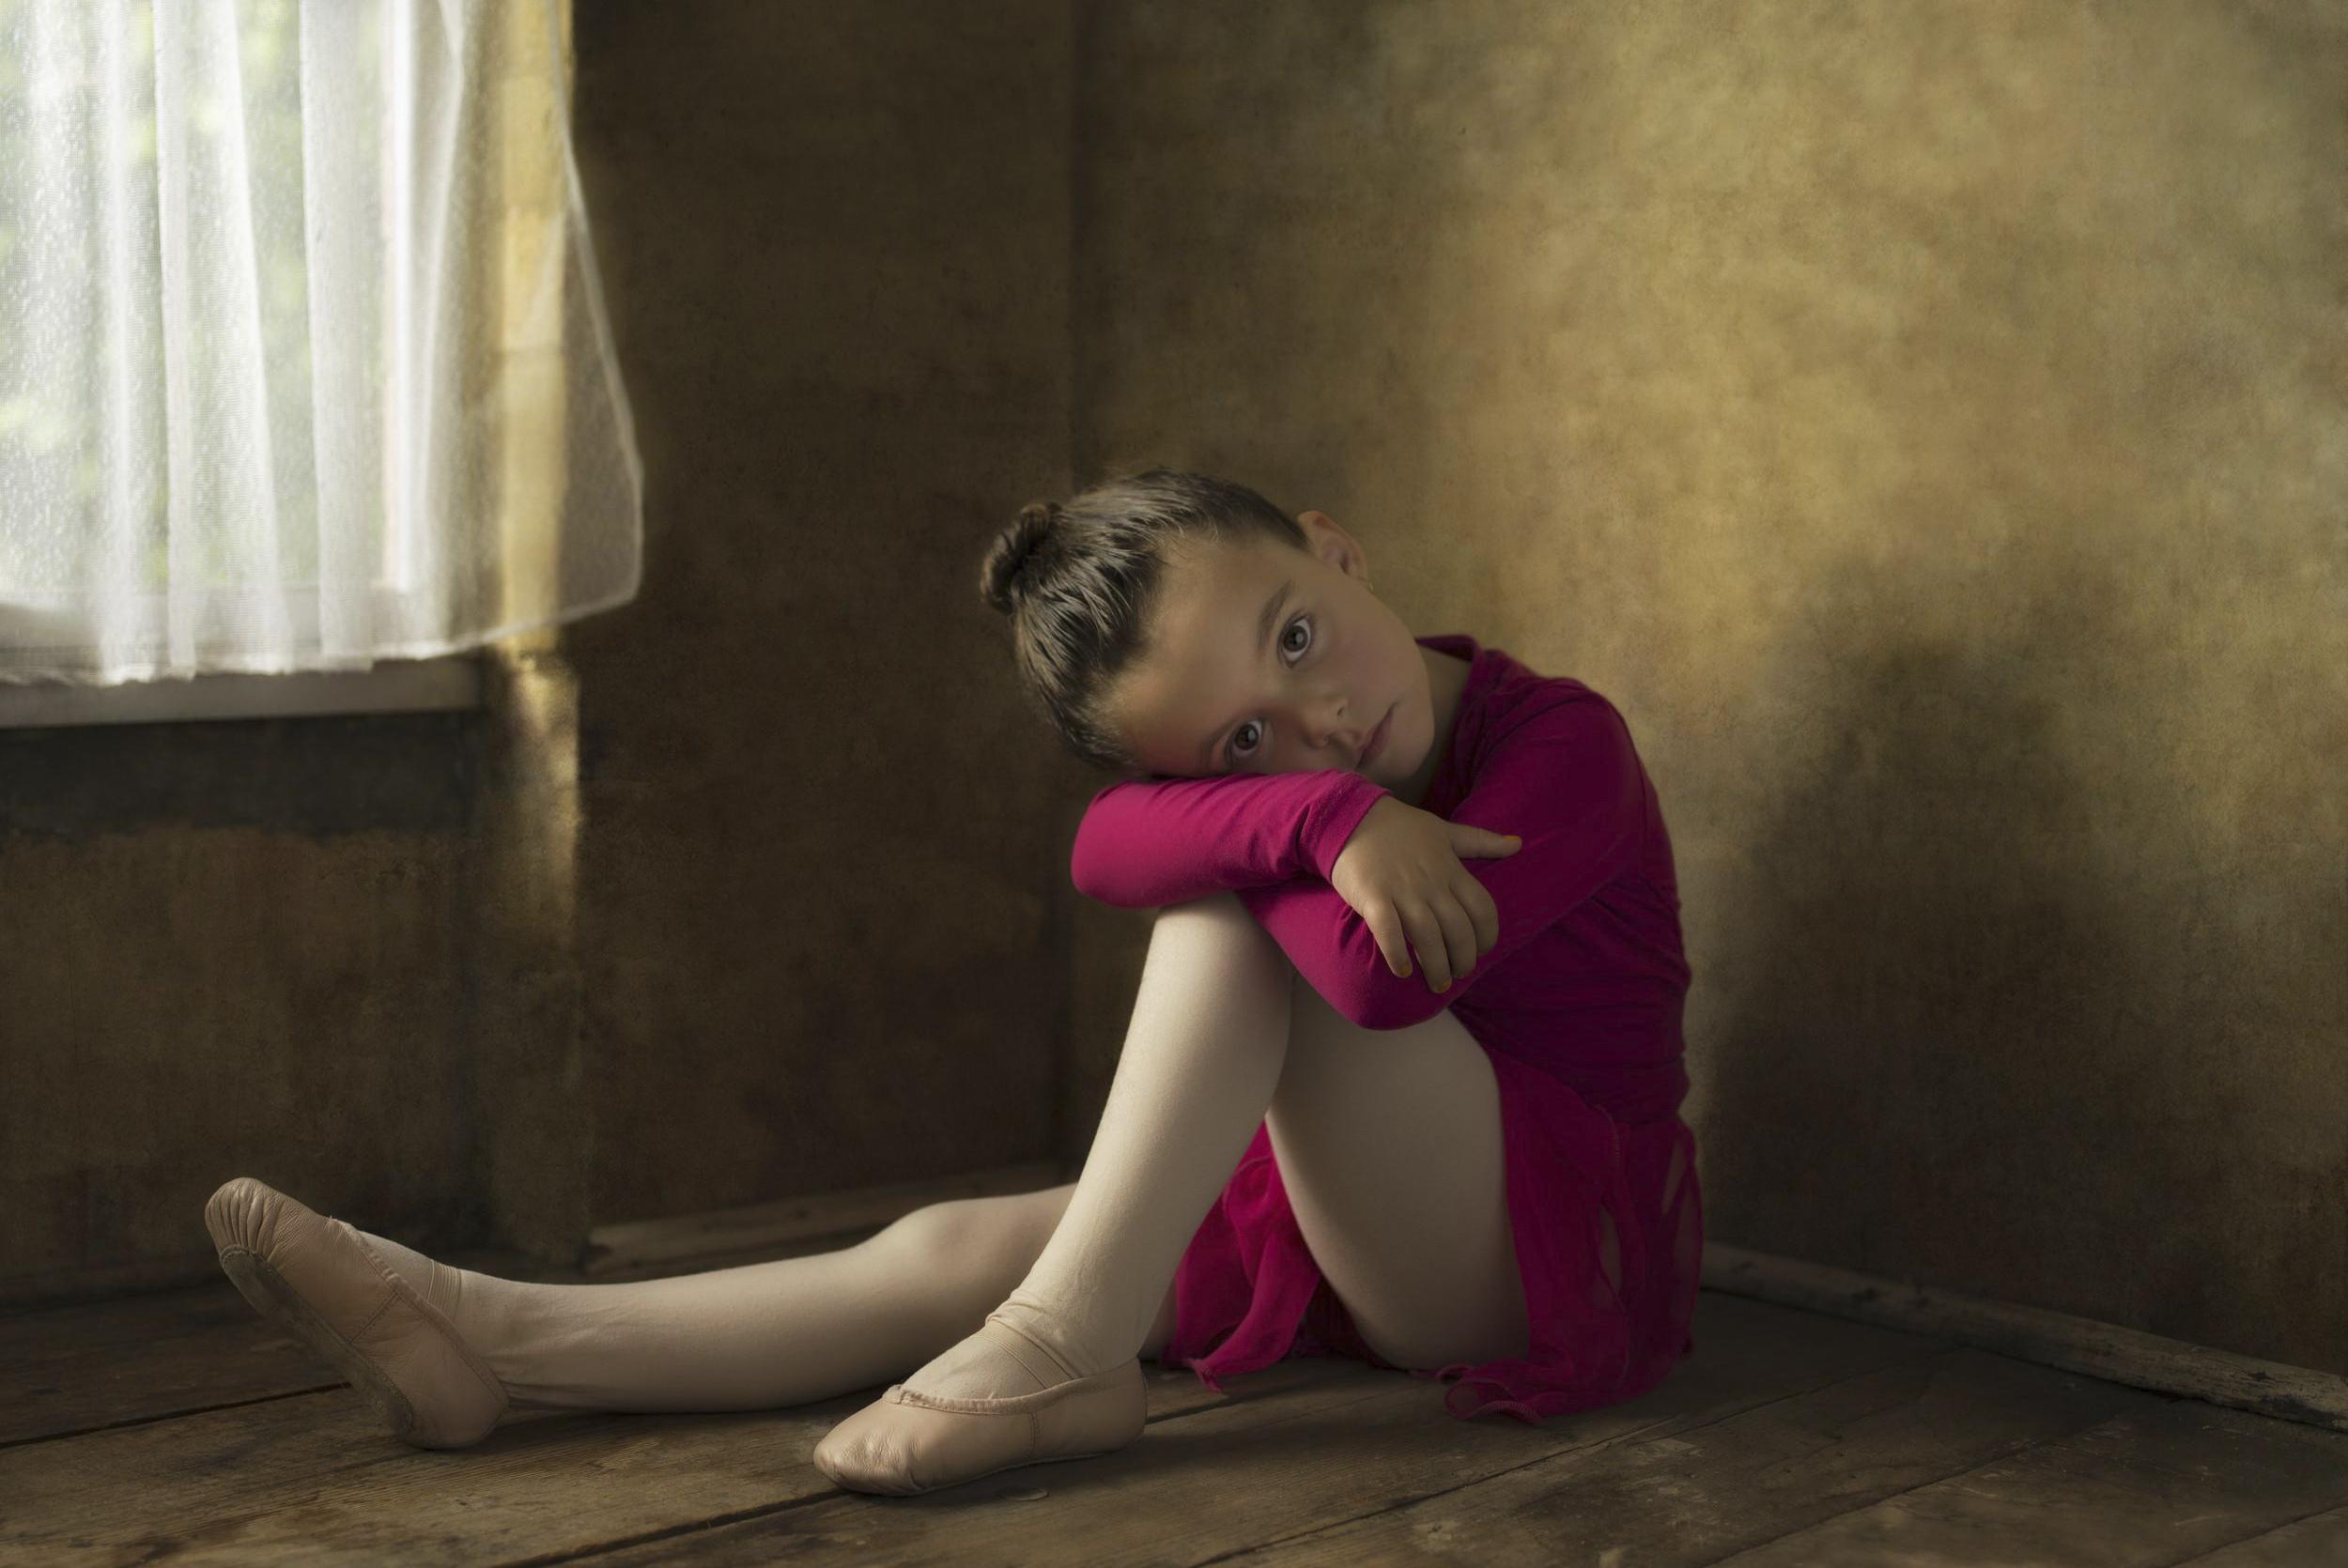 Трахает юную девочку фото 14 фотография